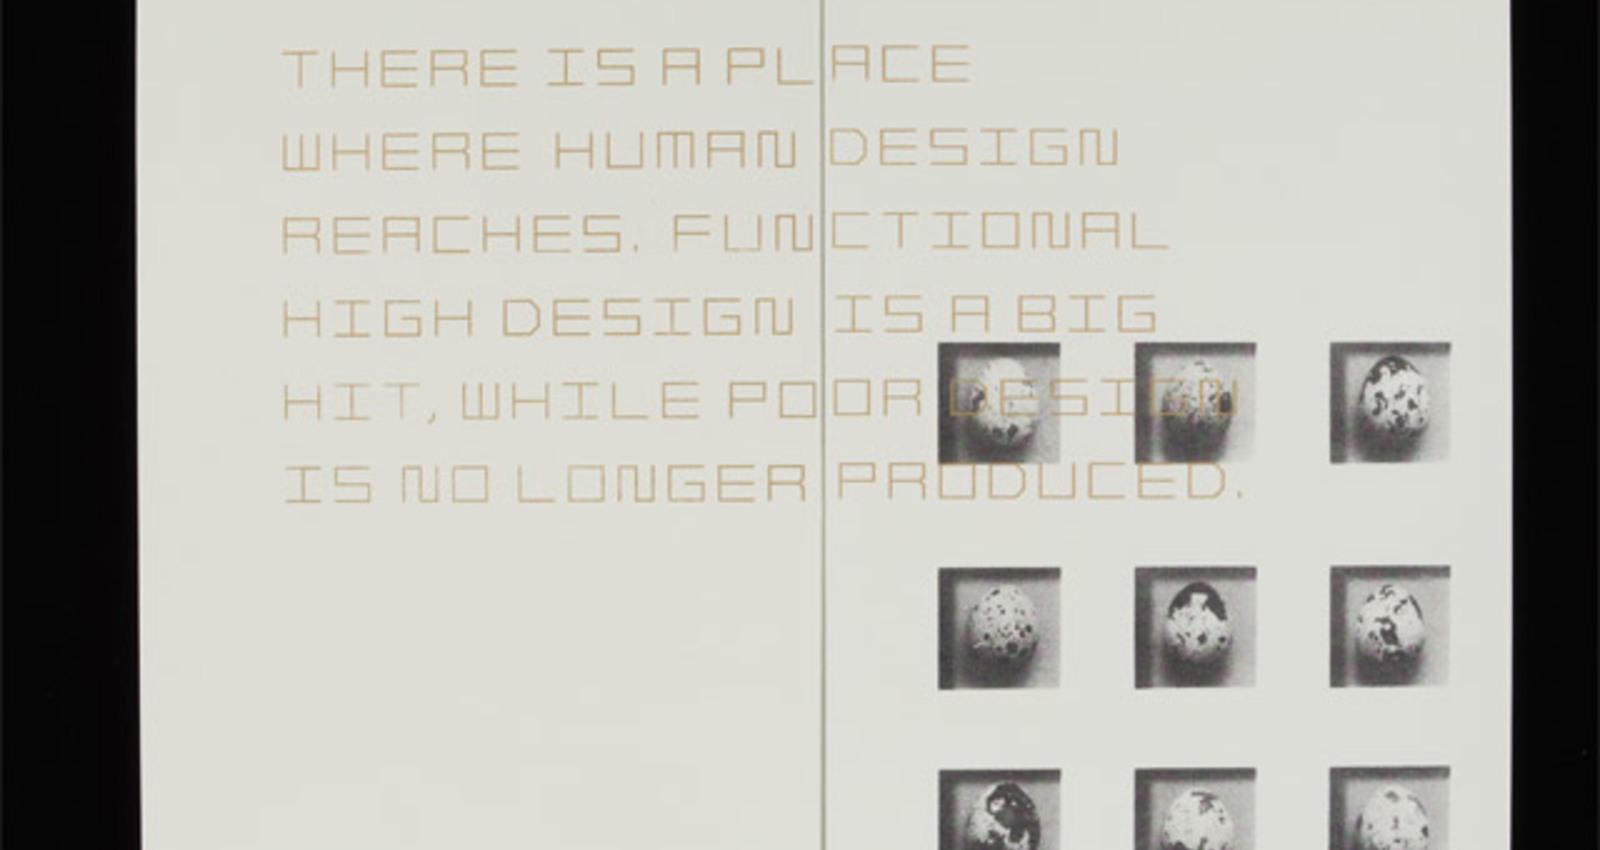 NOT A DESIGNER'S GOD, A DESIGNER OF GOD